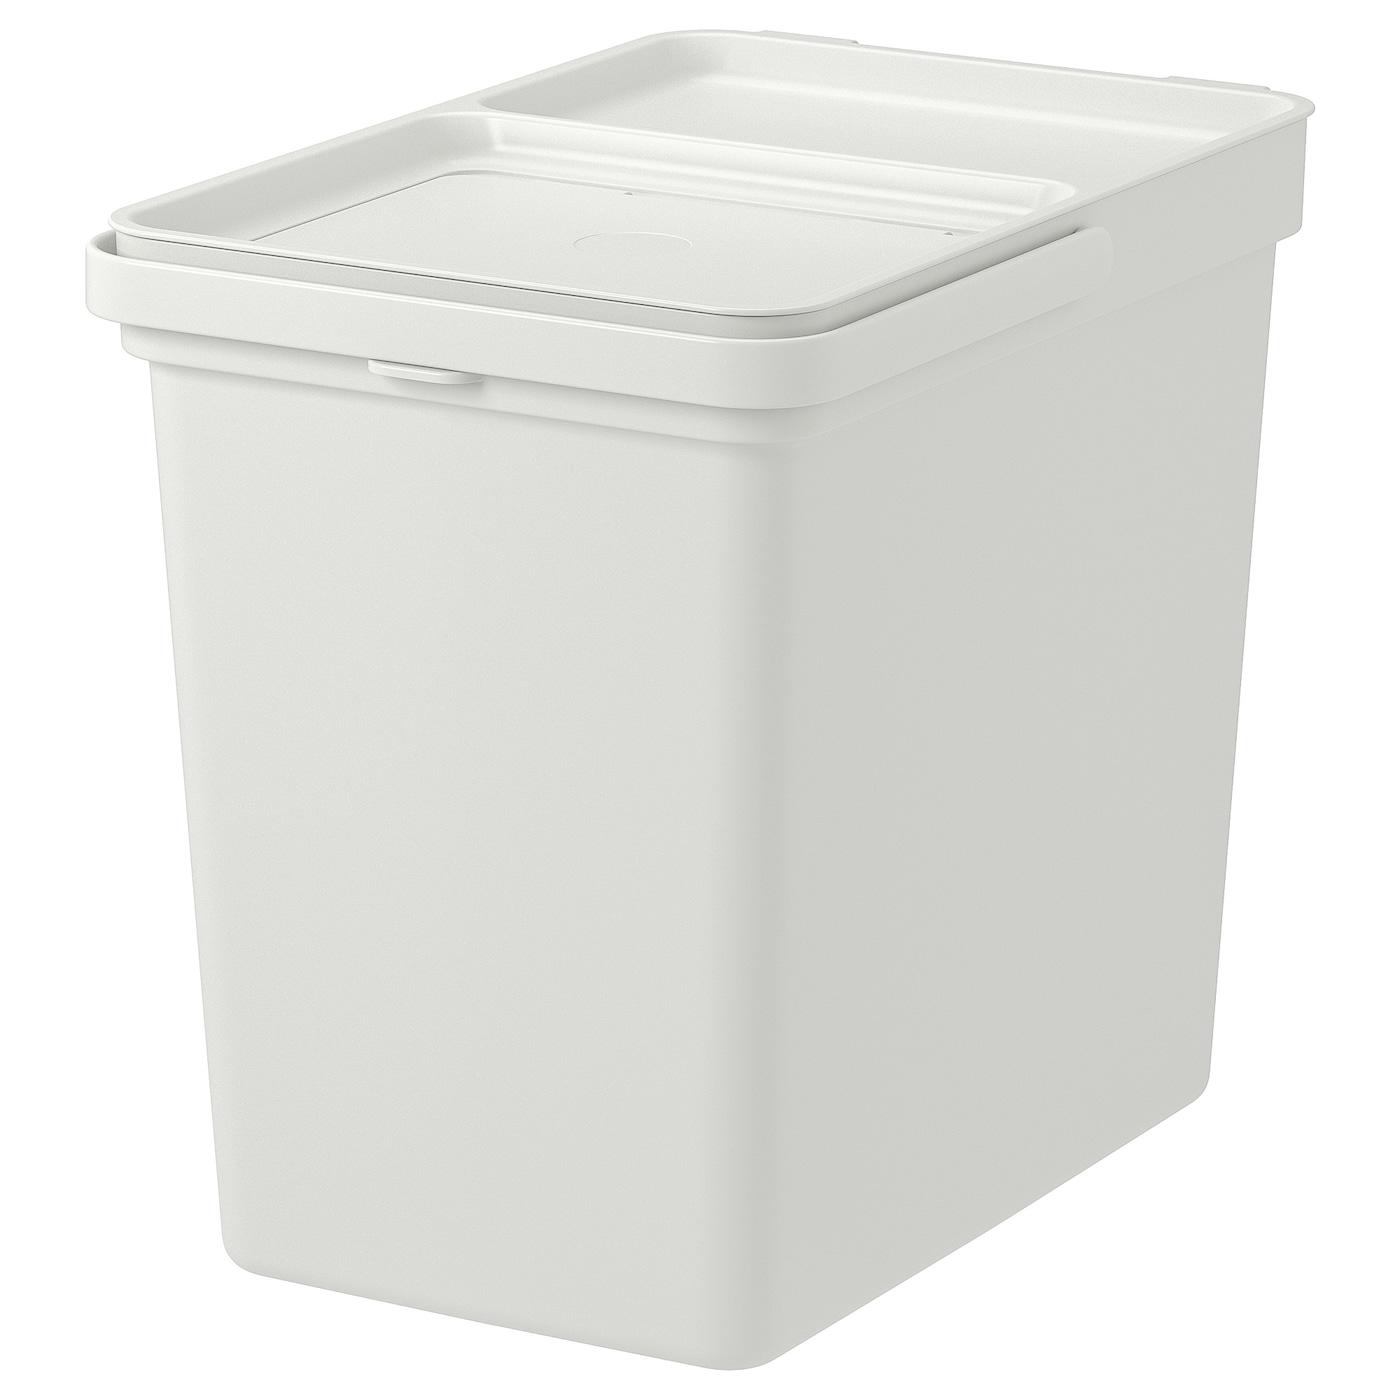 Raccolta Differenziata Bidoni Ikea hÅllbar secchio con coperchio - grigio chiaro 22 l